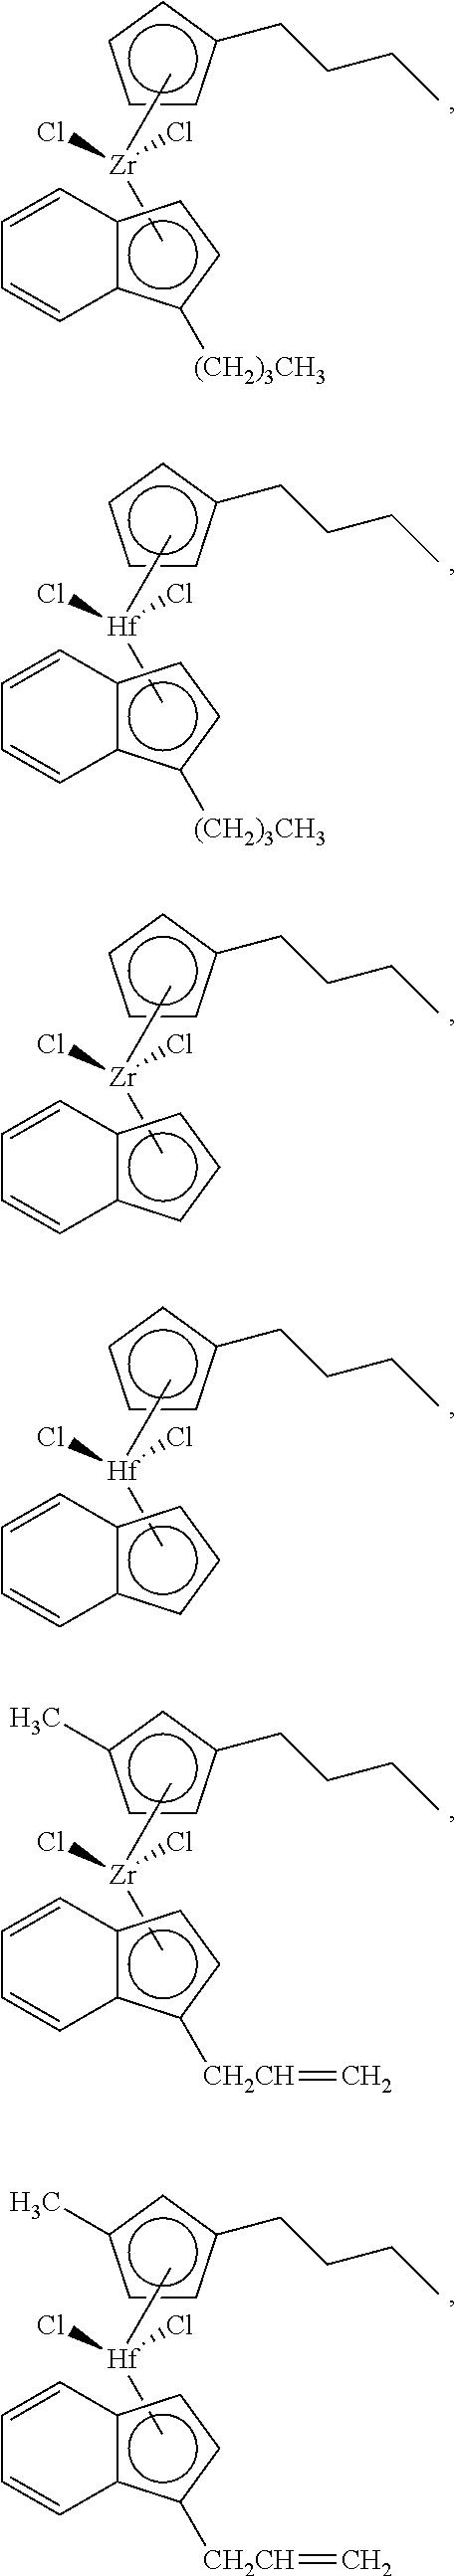 Figure US09273159-20160301-C00008